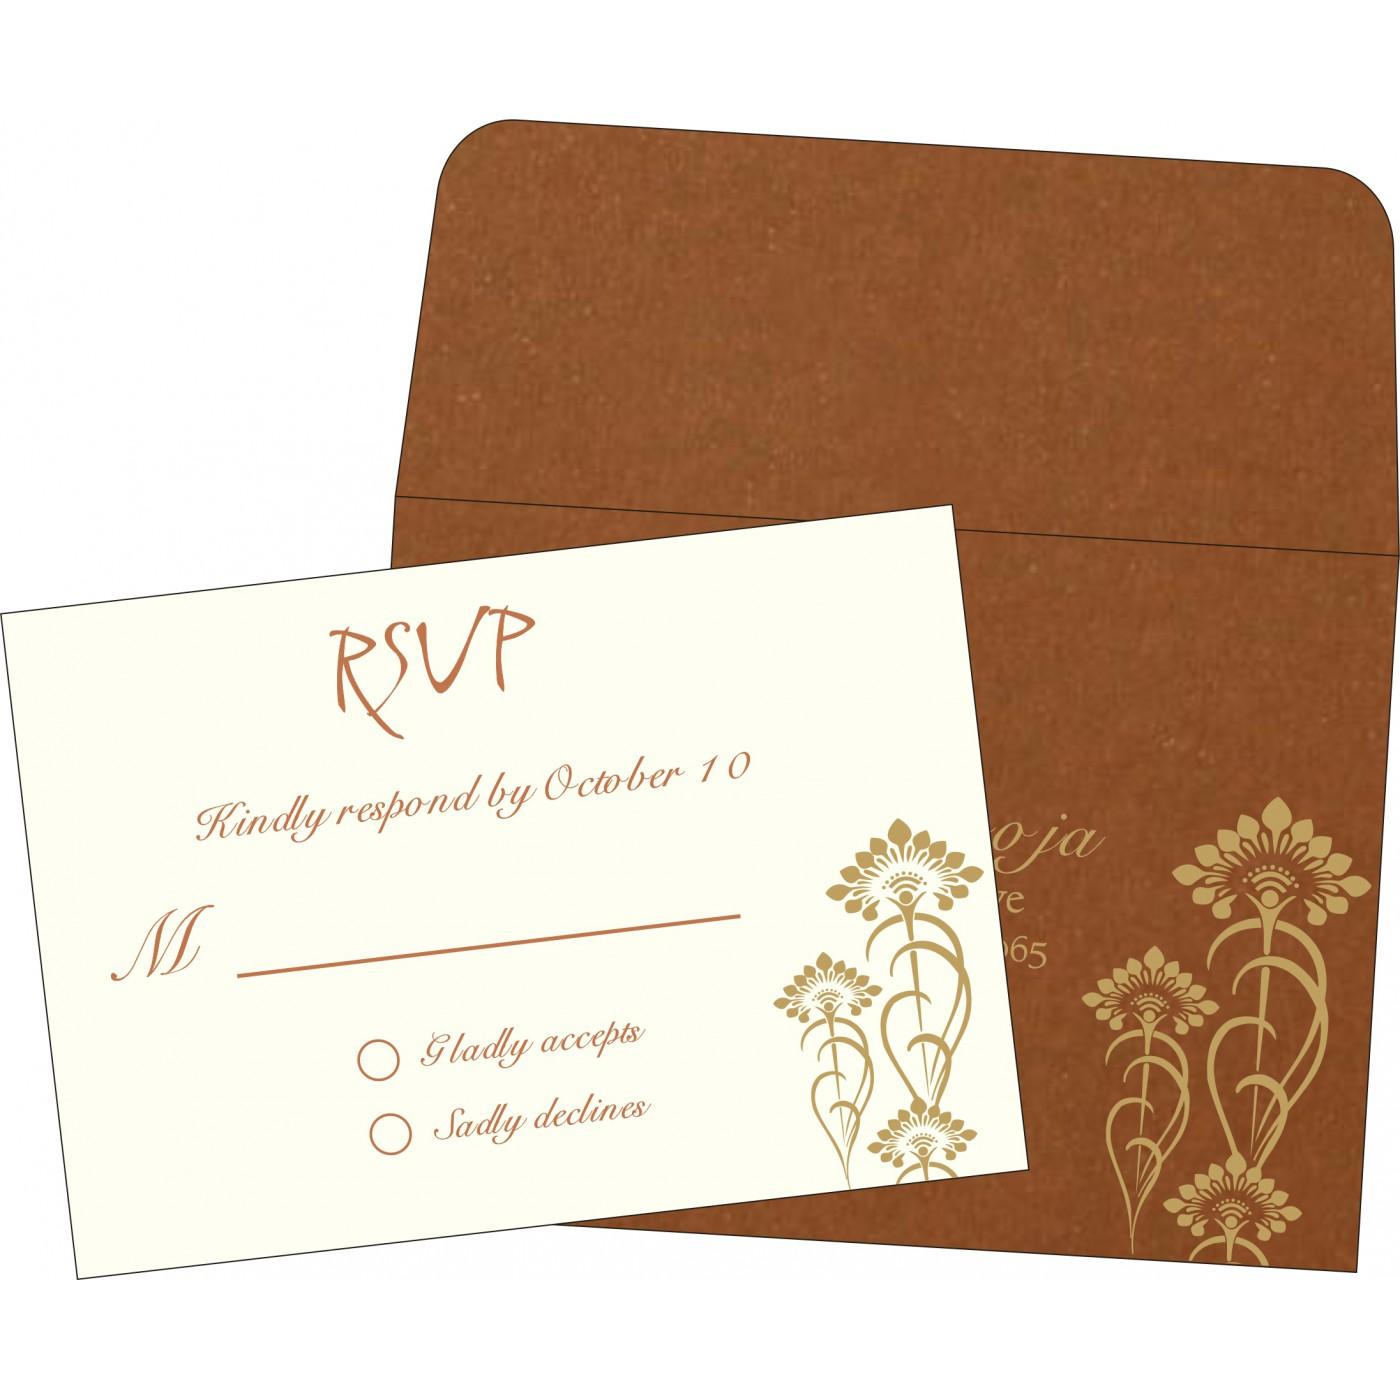 RSVP Cards : CRSVP-8239H - IndianWeddingCards